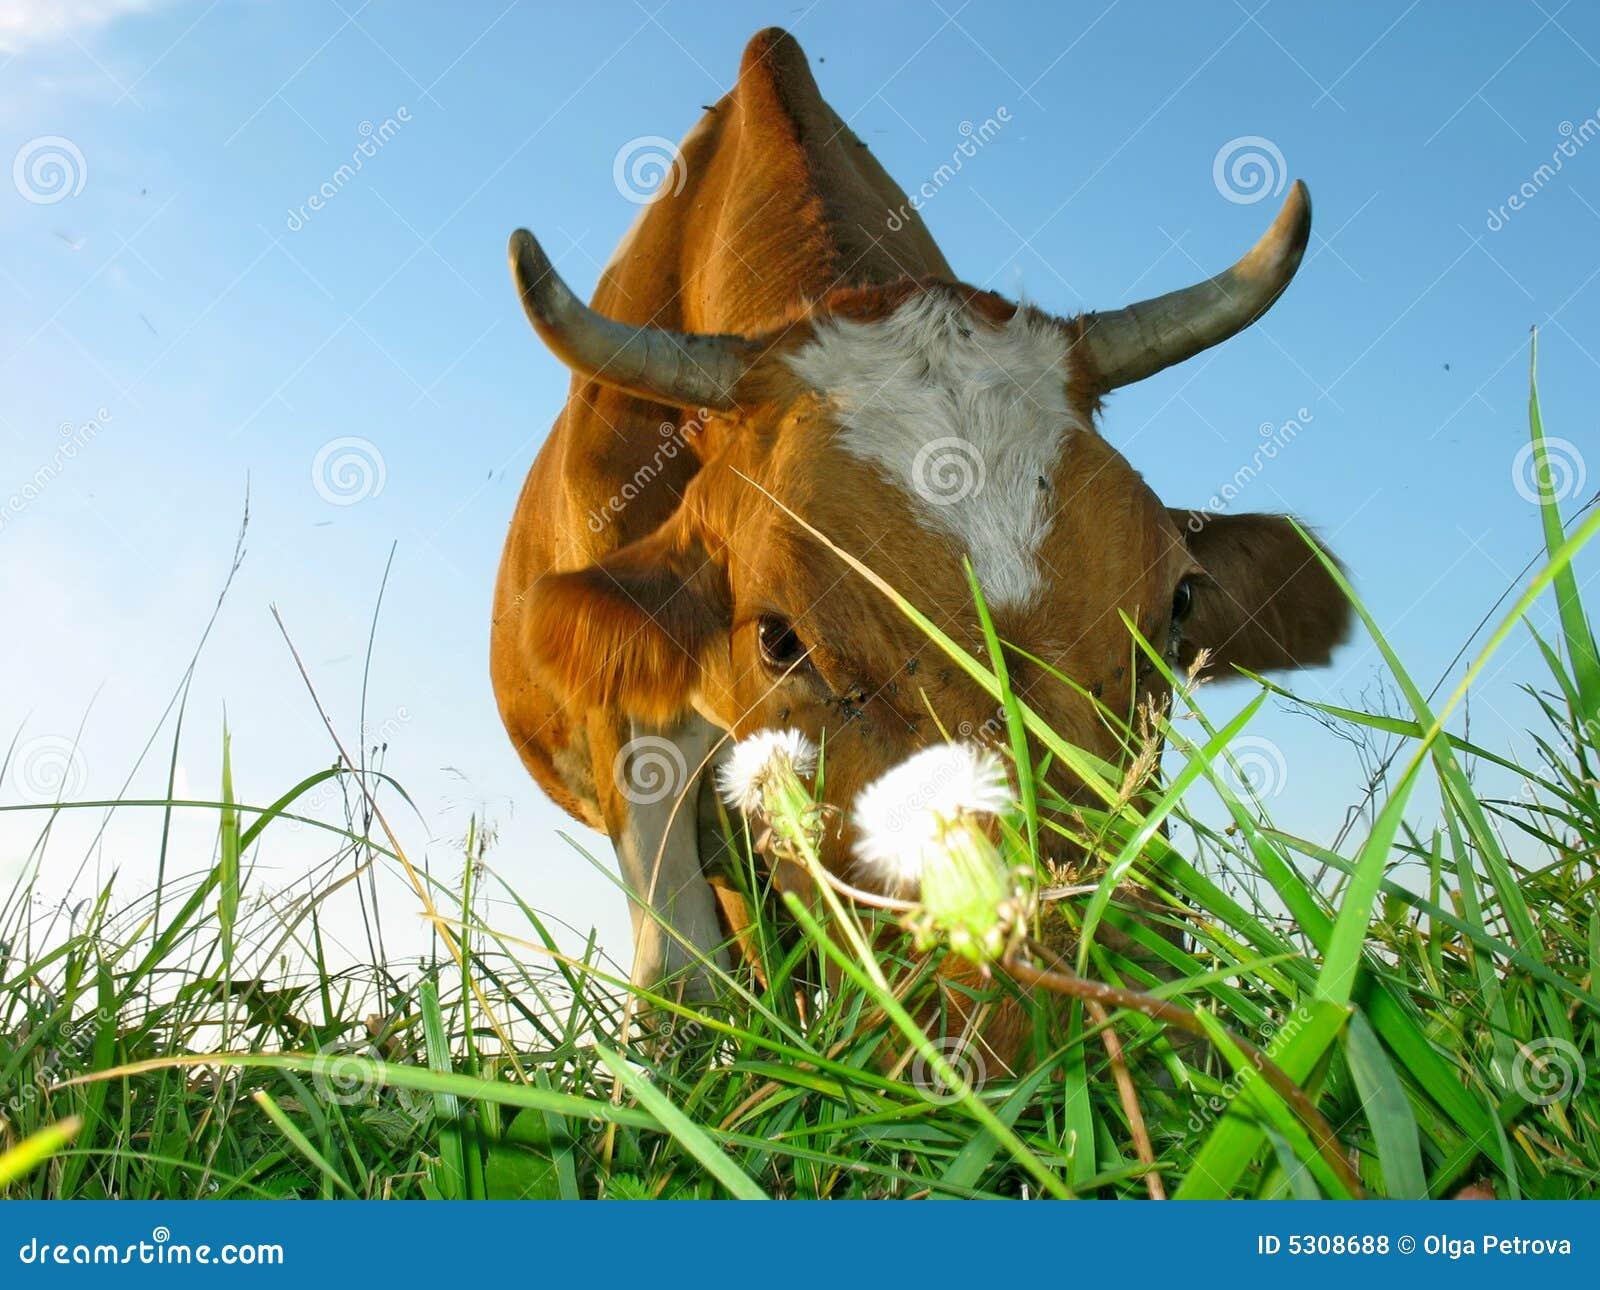 Download La mucca mangia l'erba. fotografia stock. Immagine di estate - 5308688